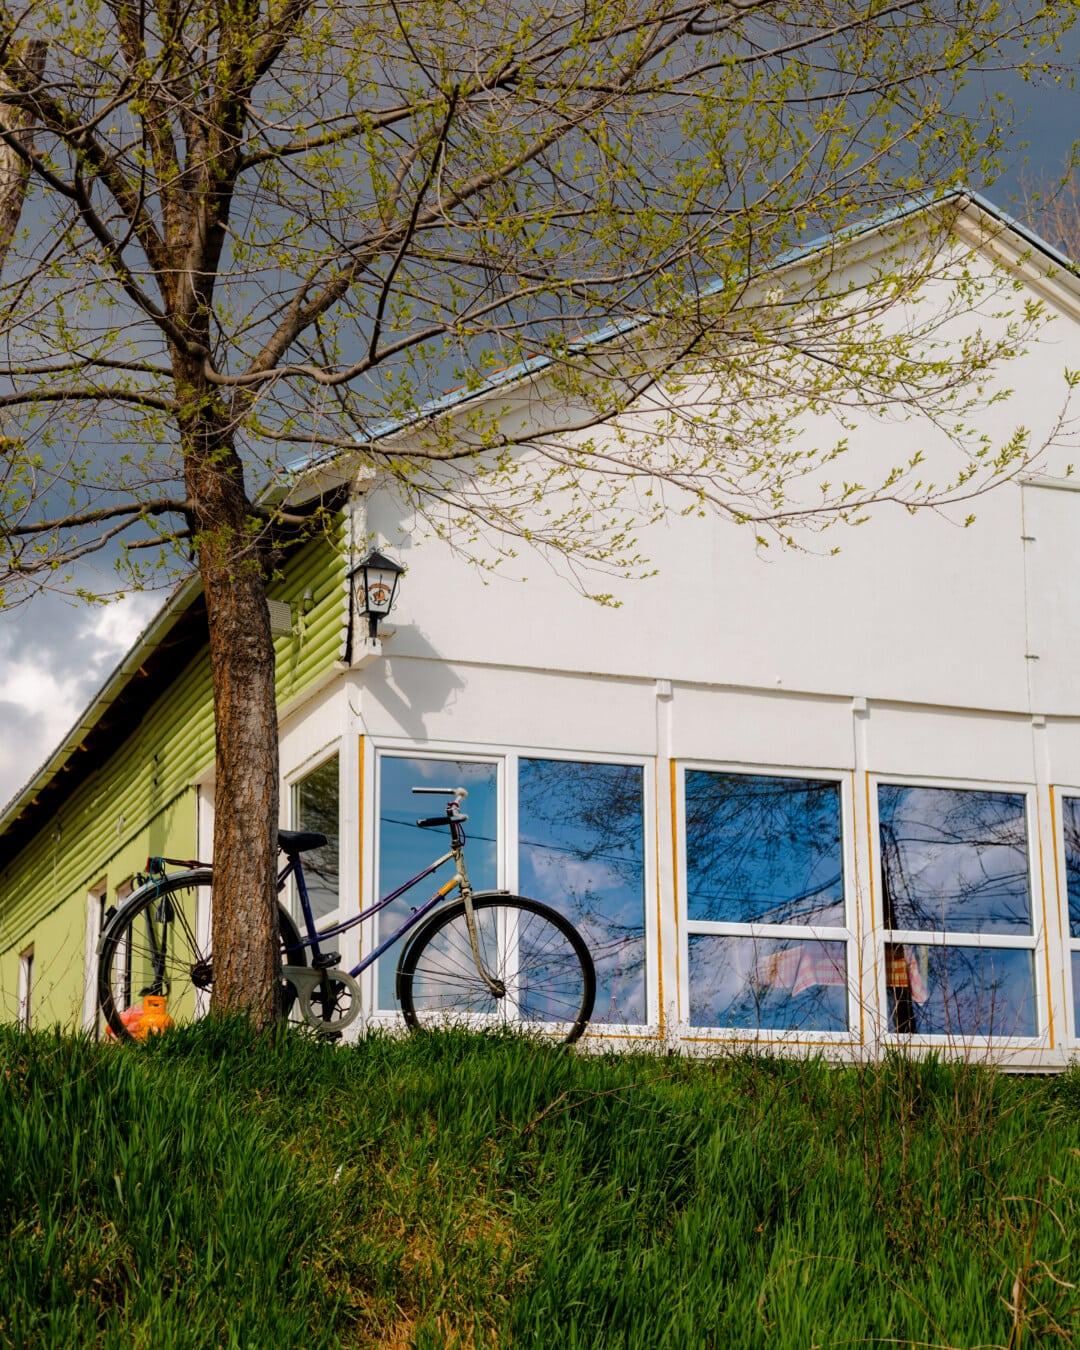 Fahrrad, Struktur, Haushalt, Hinterhof, Wohn, Haus, Haus, Architektur, Familie, Fenster